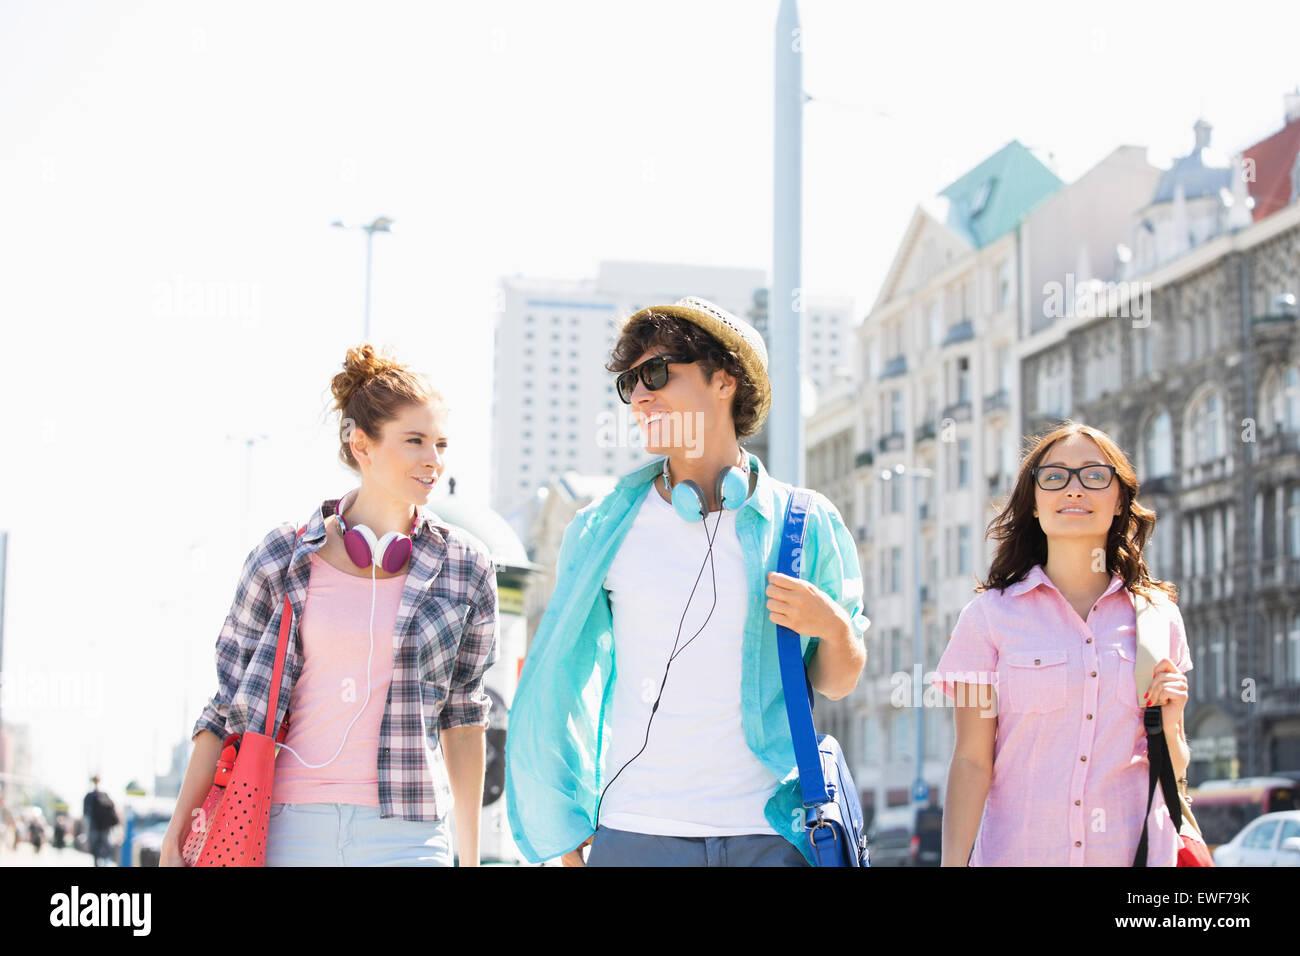 Glückliche Freunde sprechen während des Gehens in Stadt Stockbild